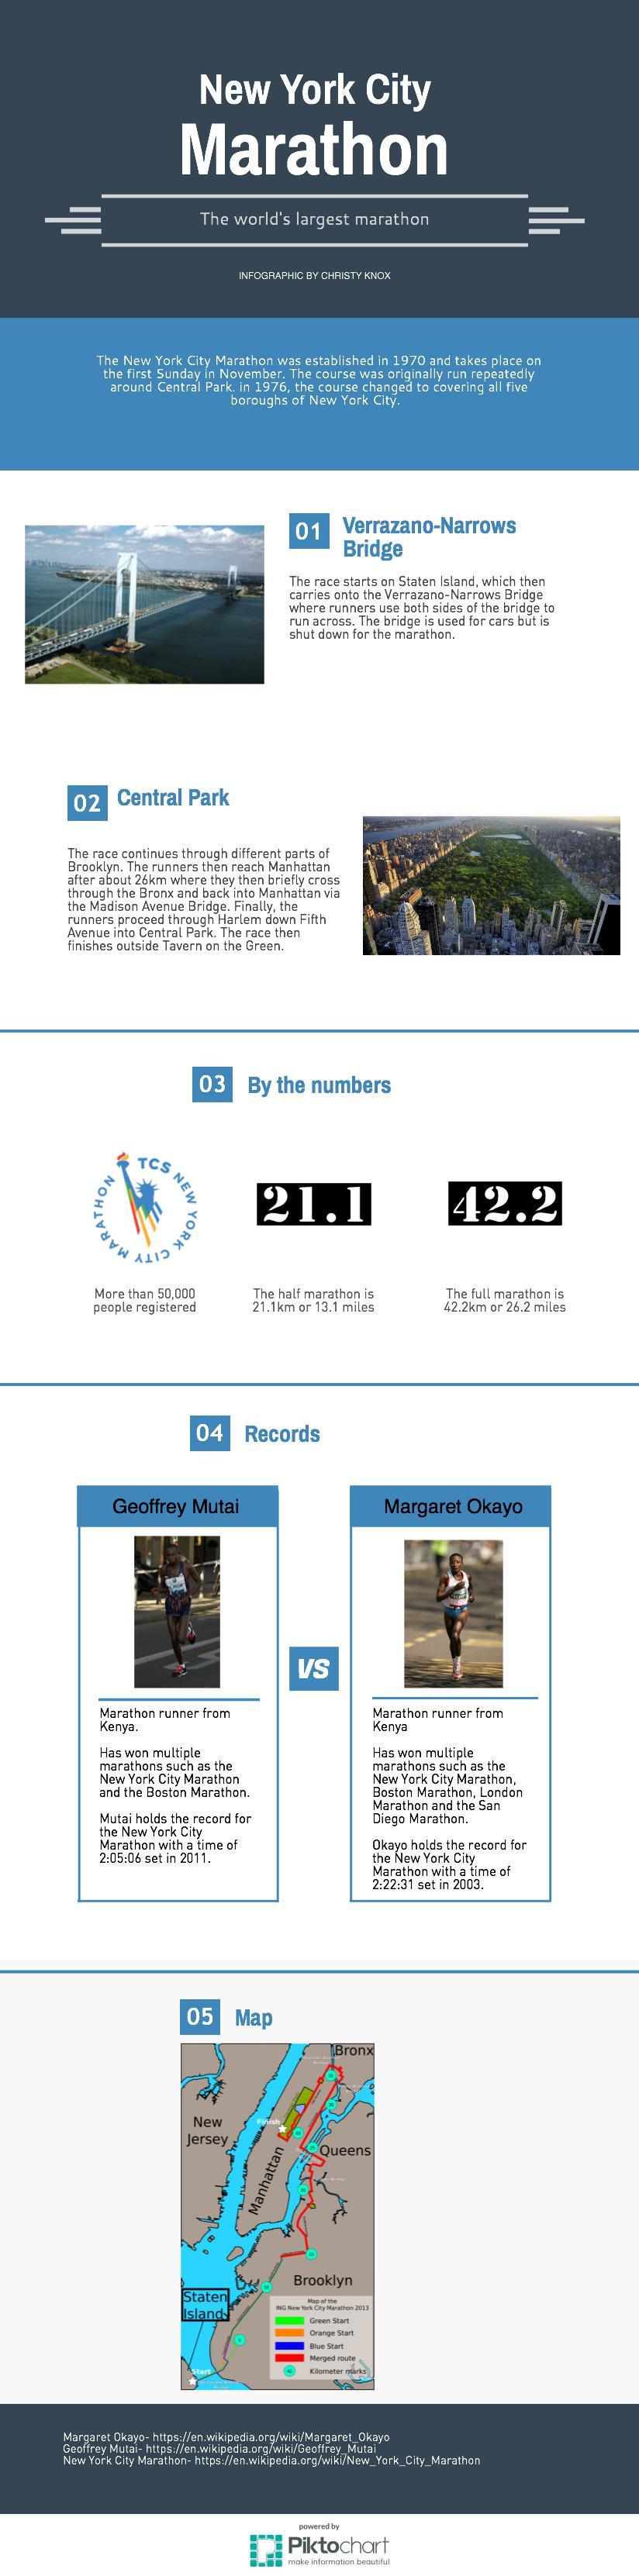 nyc-marathon-infographic